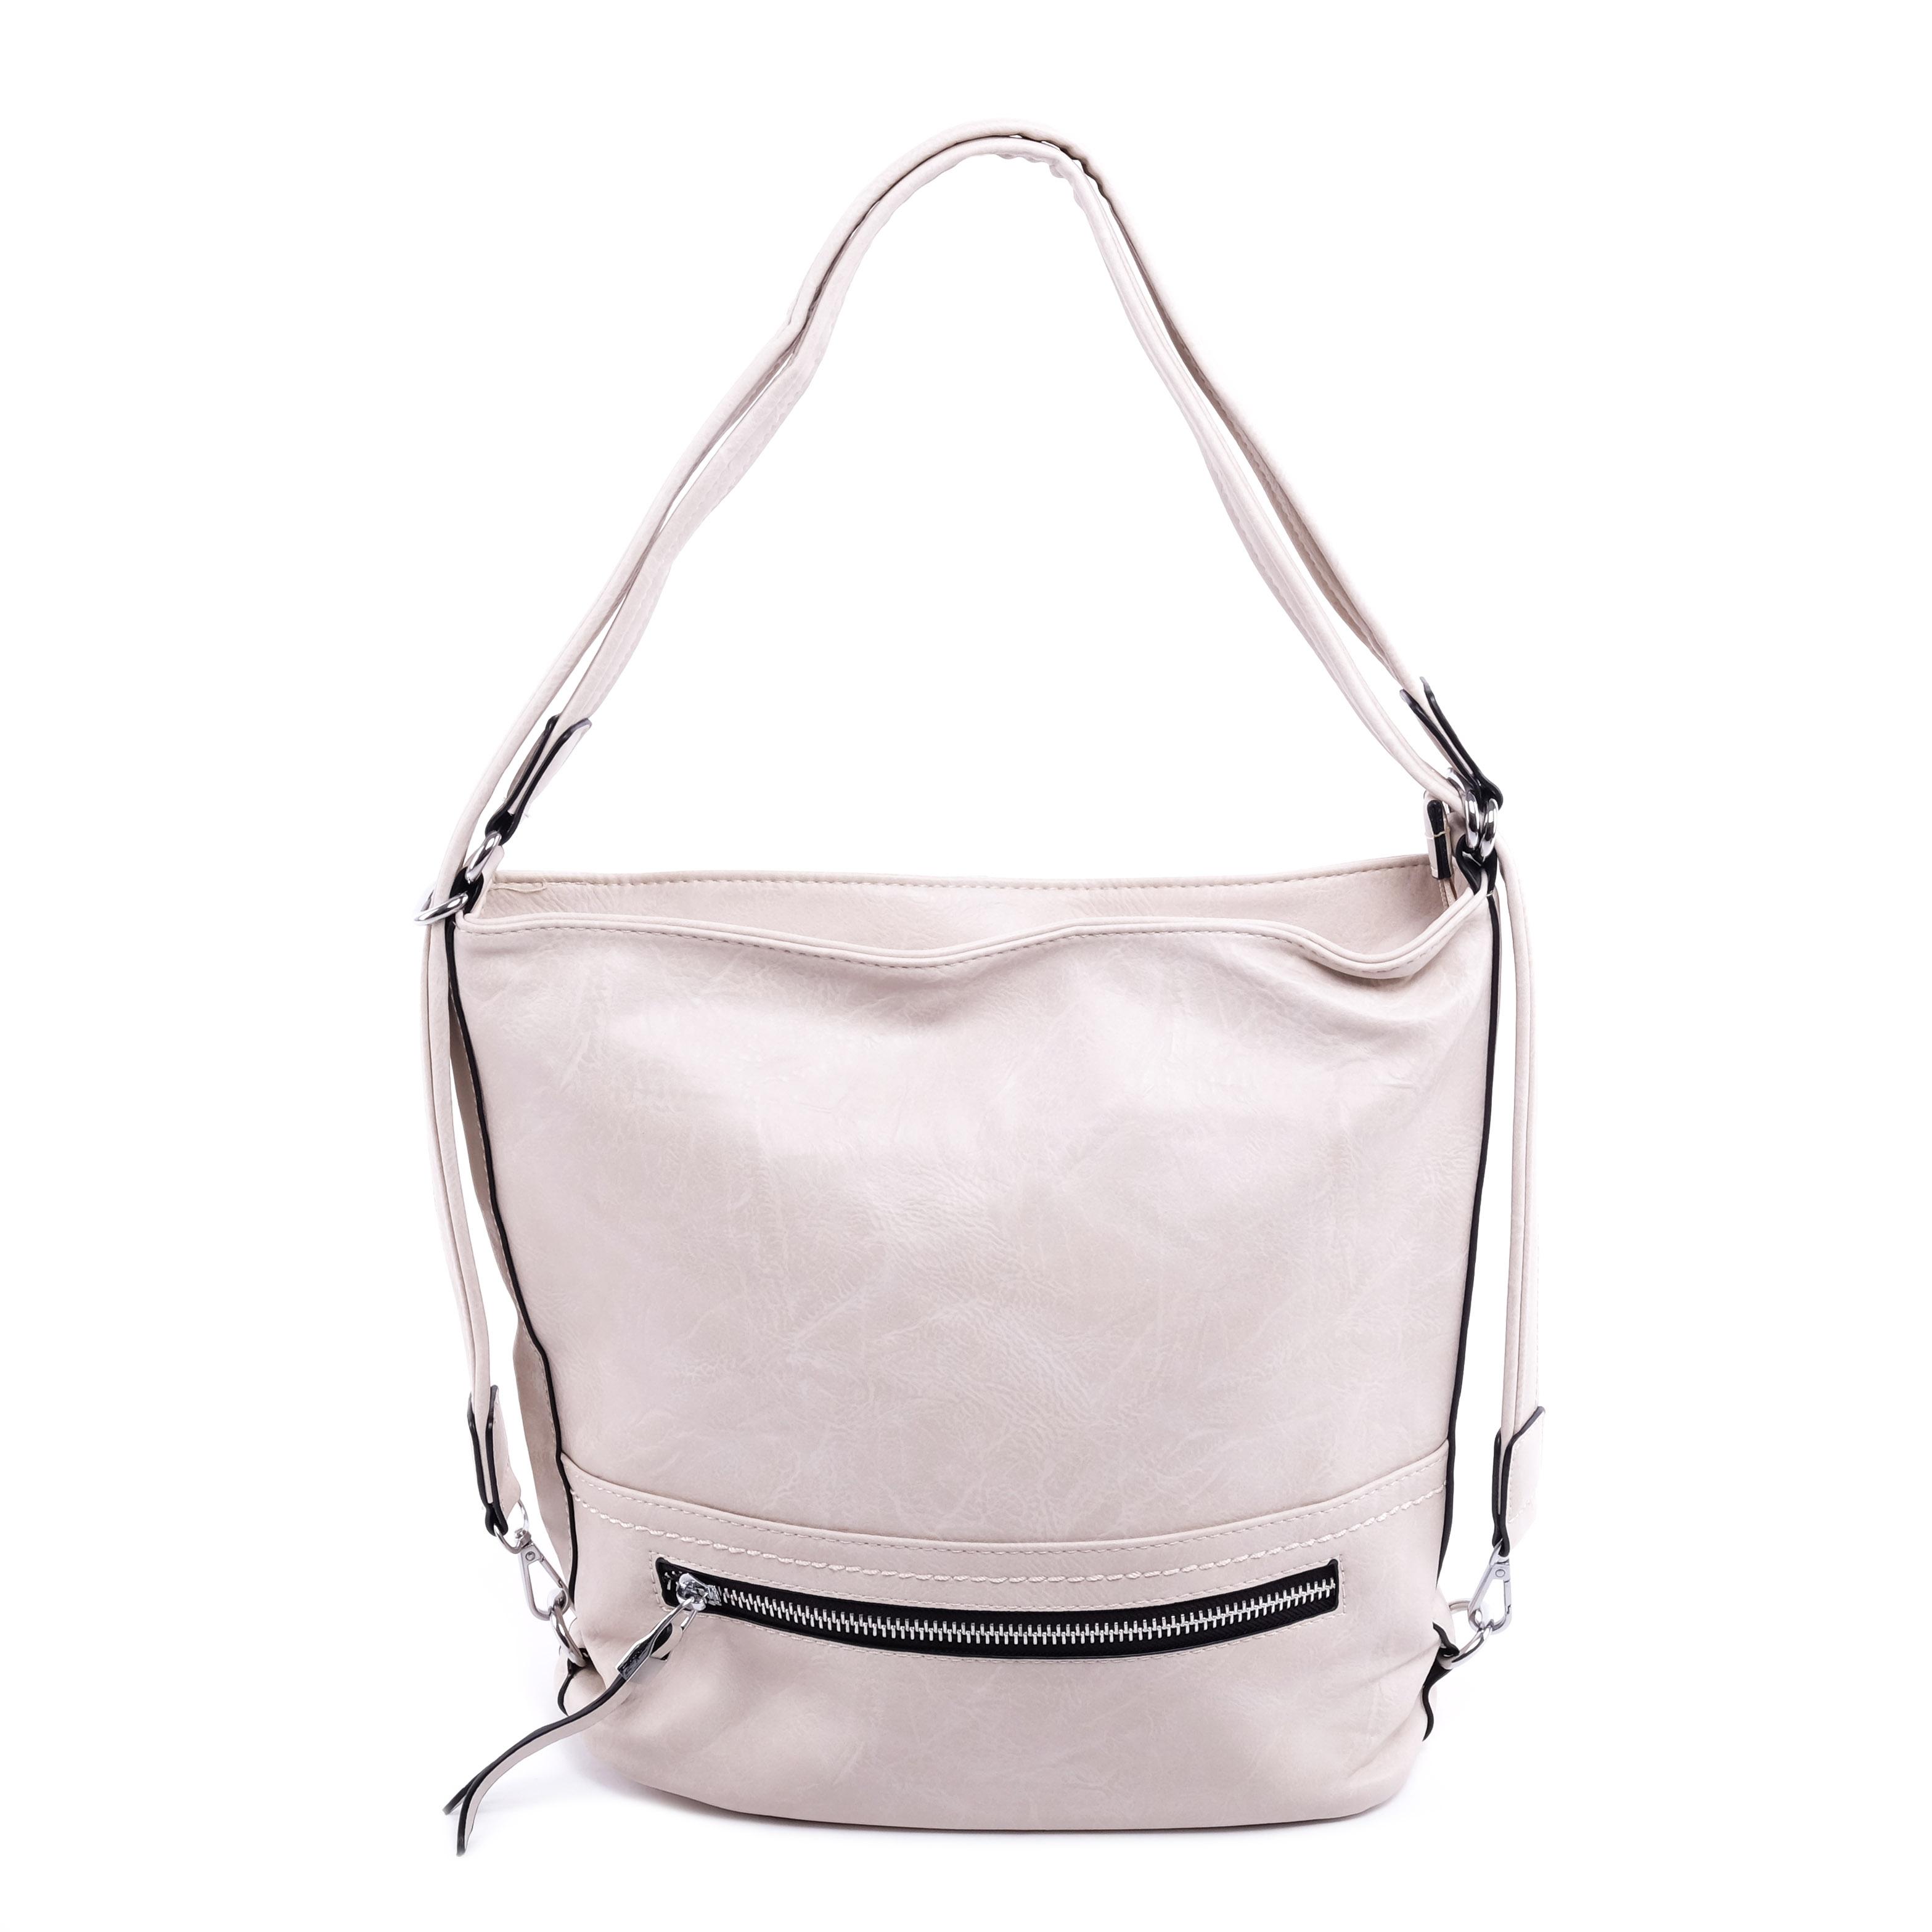 bézs Női Műbőr Oldaltáska - Válltáskák - Táska webáruház - Minőségi táskák  mindenkinek 87485f0766